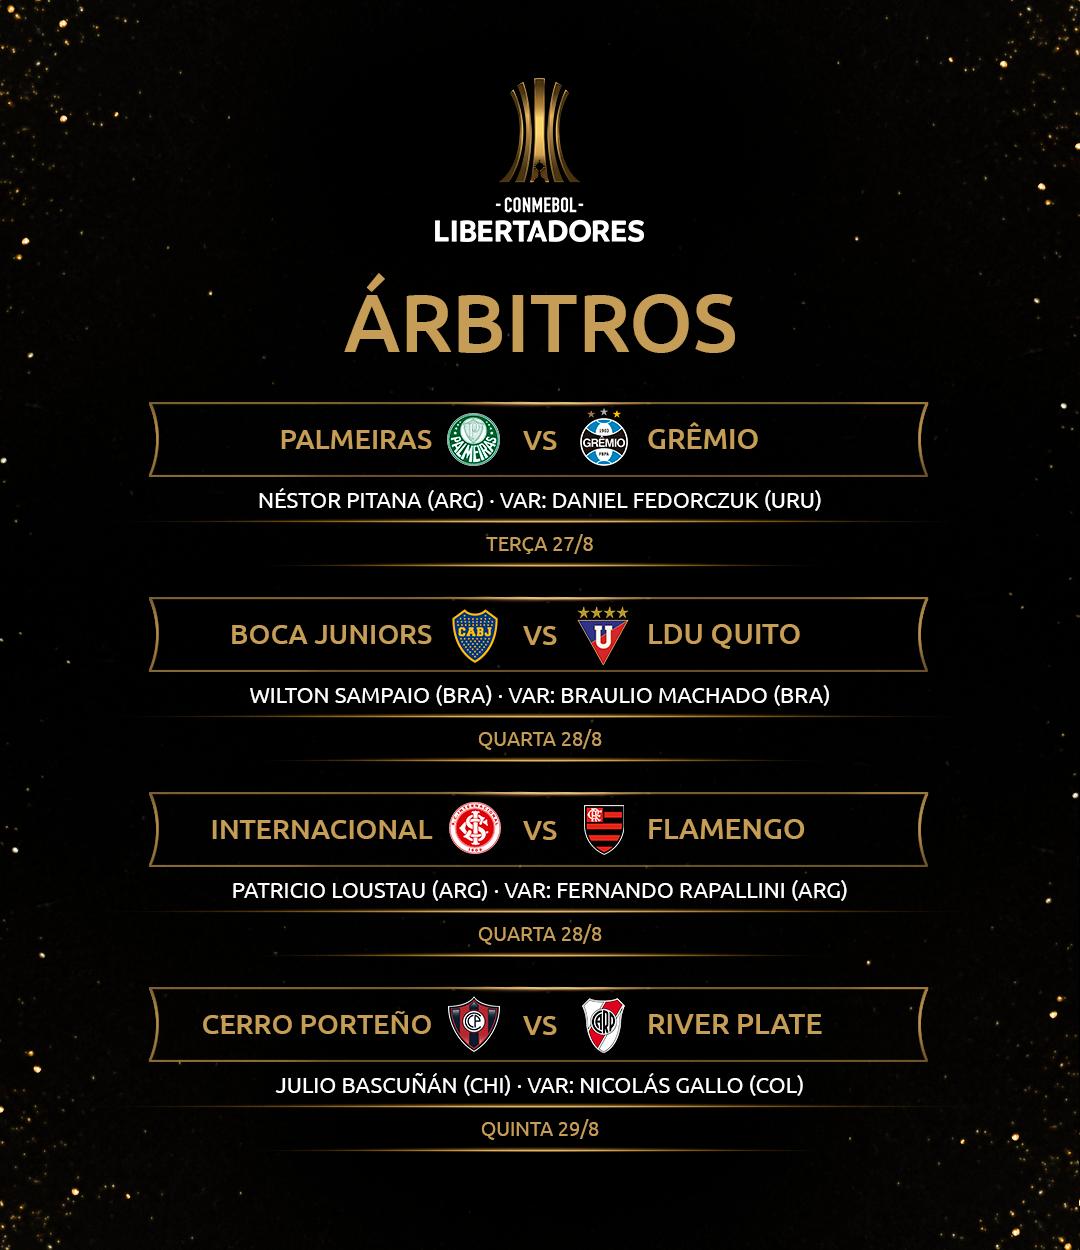 Arbitragem Quartas de final volta Libertadores 2019